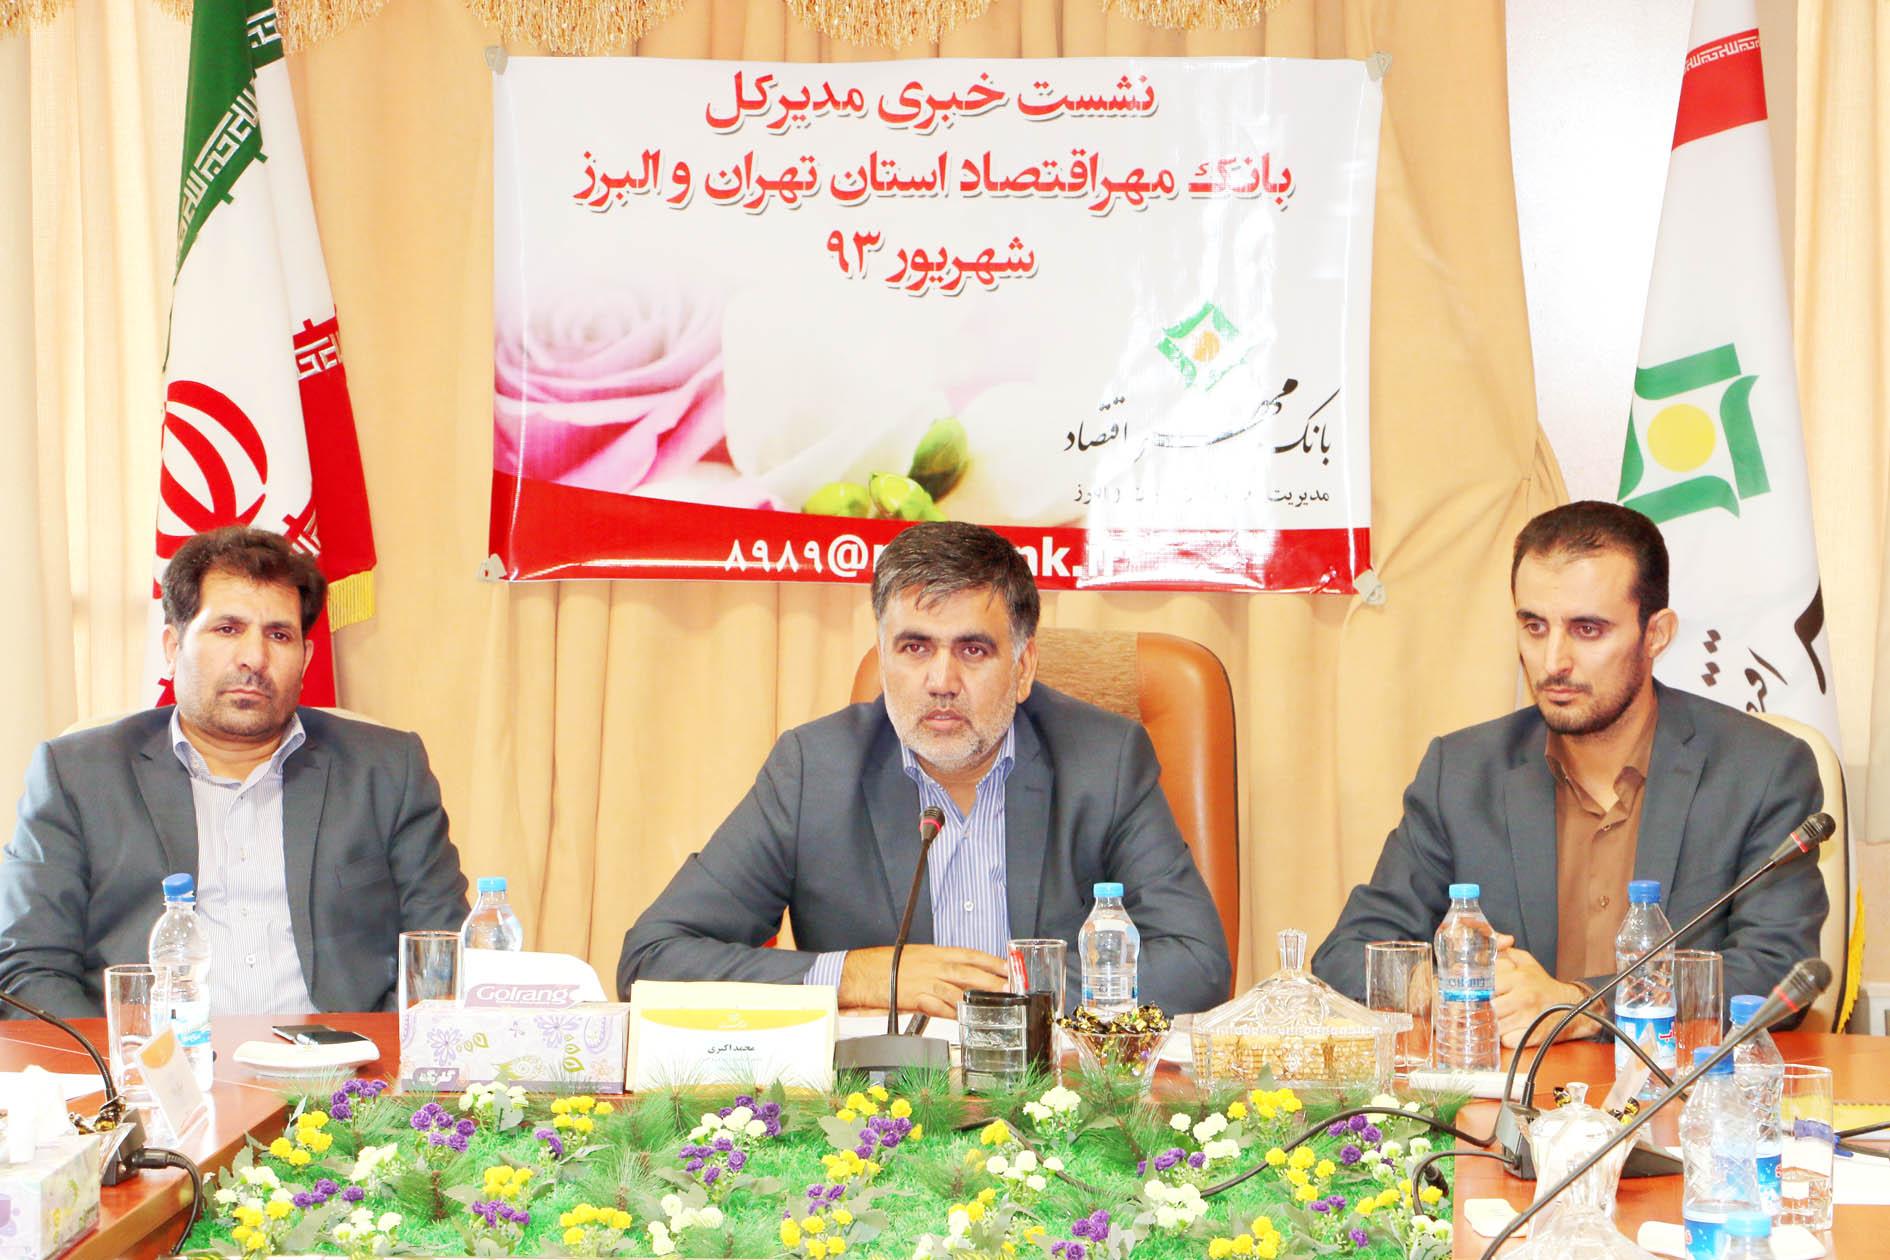 در نشست خبری مدیر کل بانک مهر اقتصاد استان البرز مطرح شد  بانک مهر اقتصاد در راستای تحقق اقتصاد مقاومتی گام بر میدارد